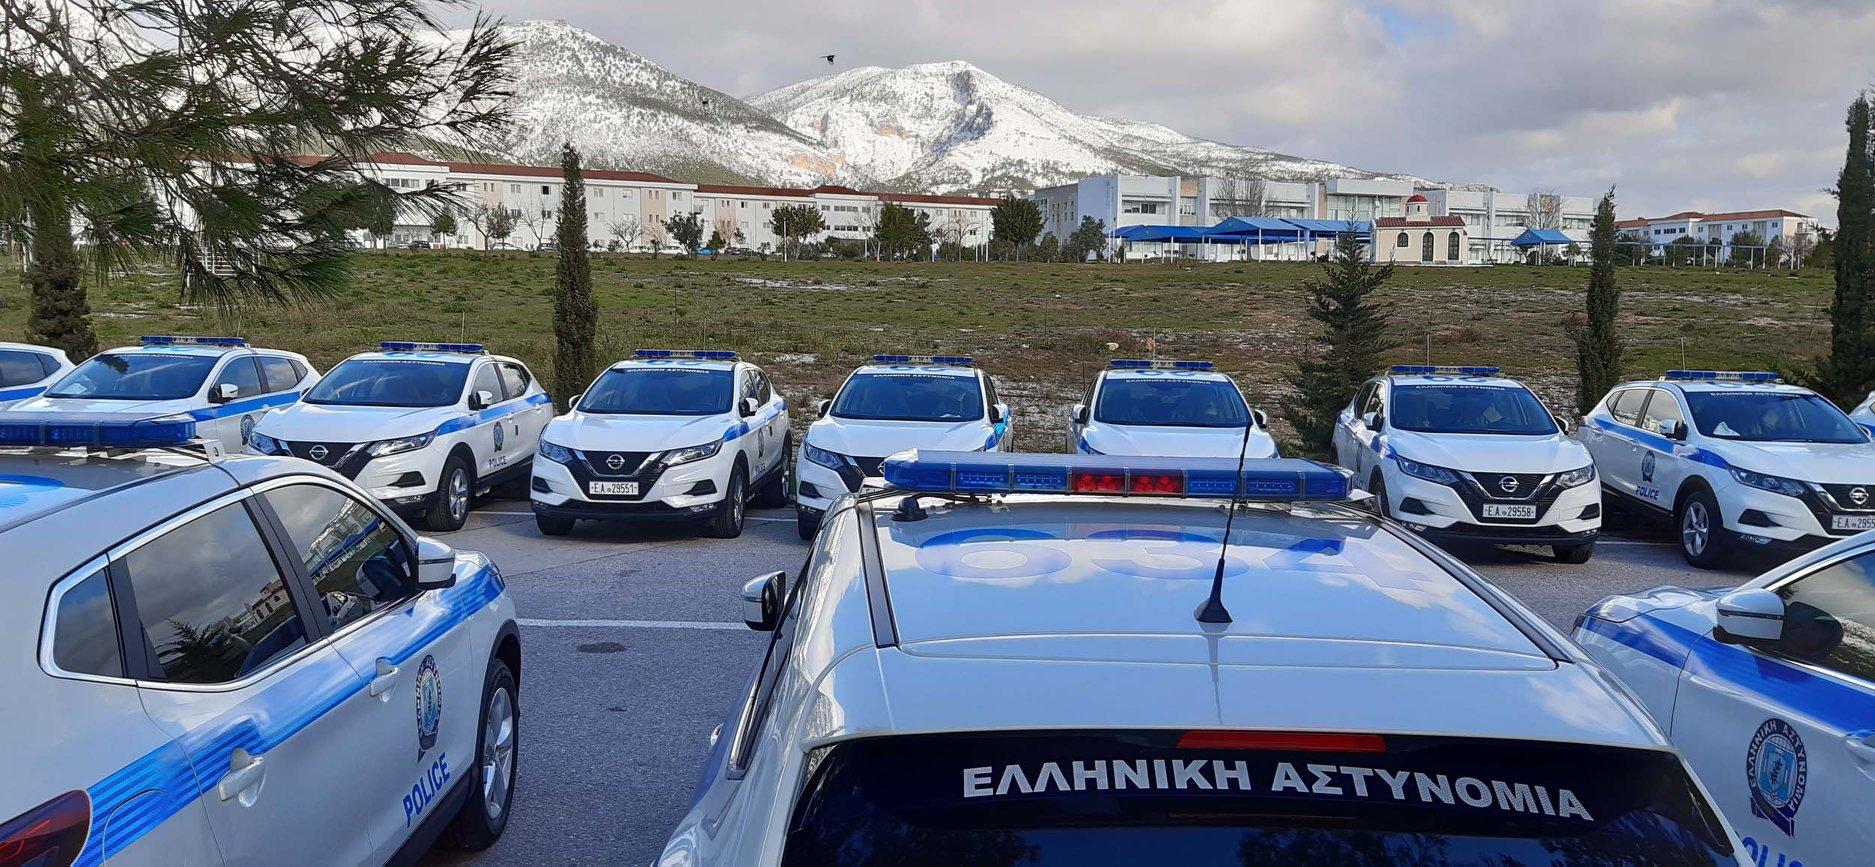 Nissan-Qashqai-greek-police-5